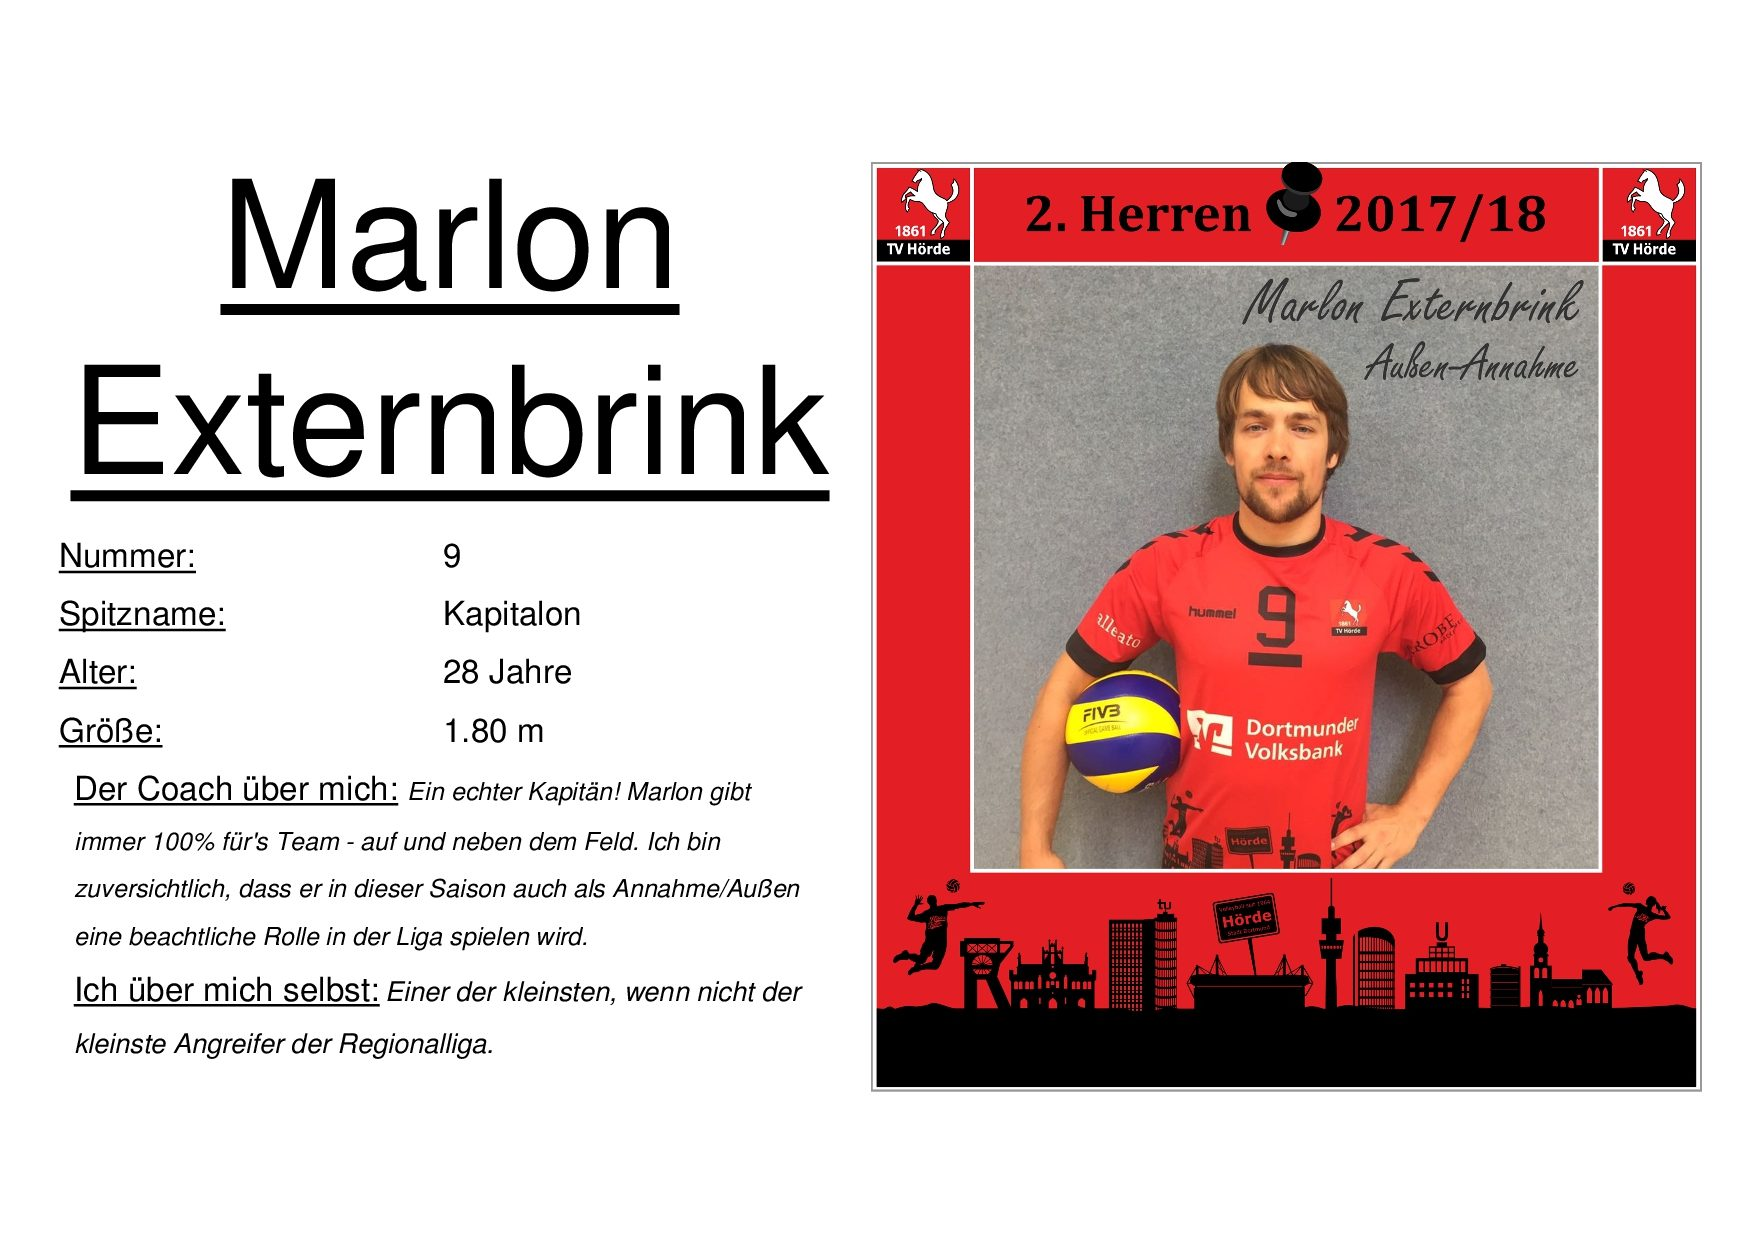 Marlon Externbrink